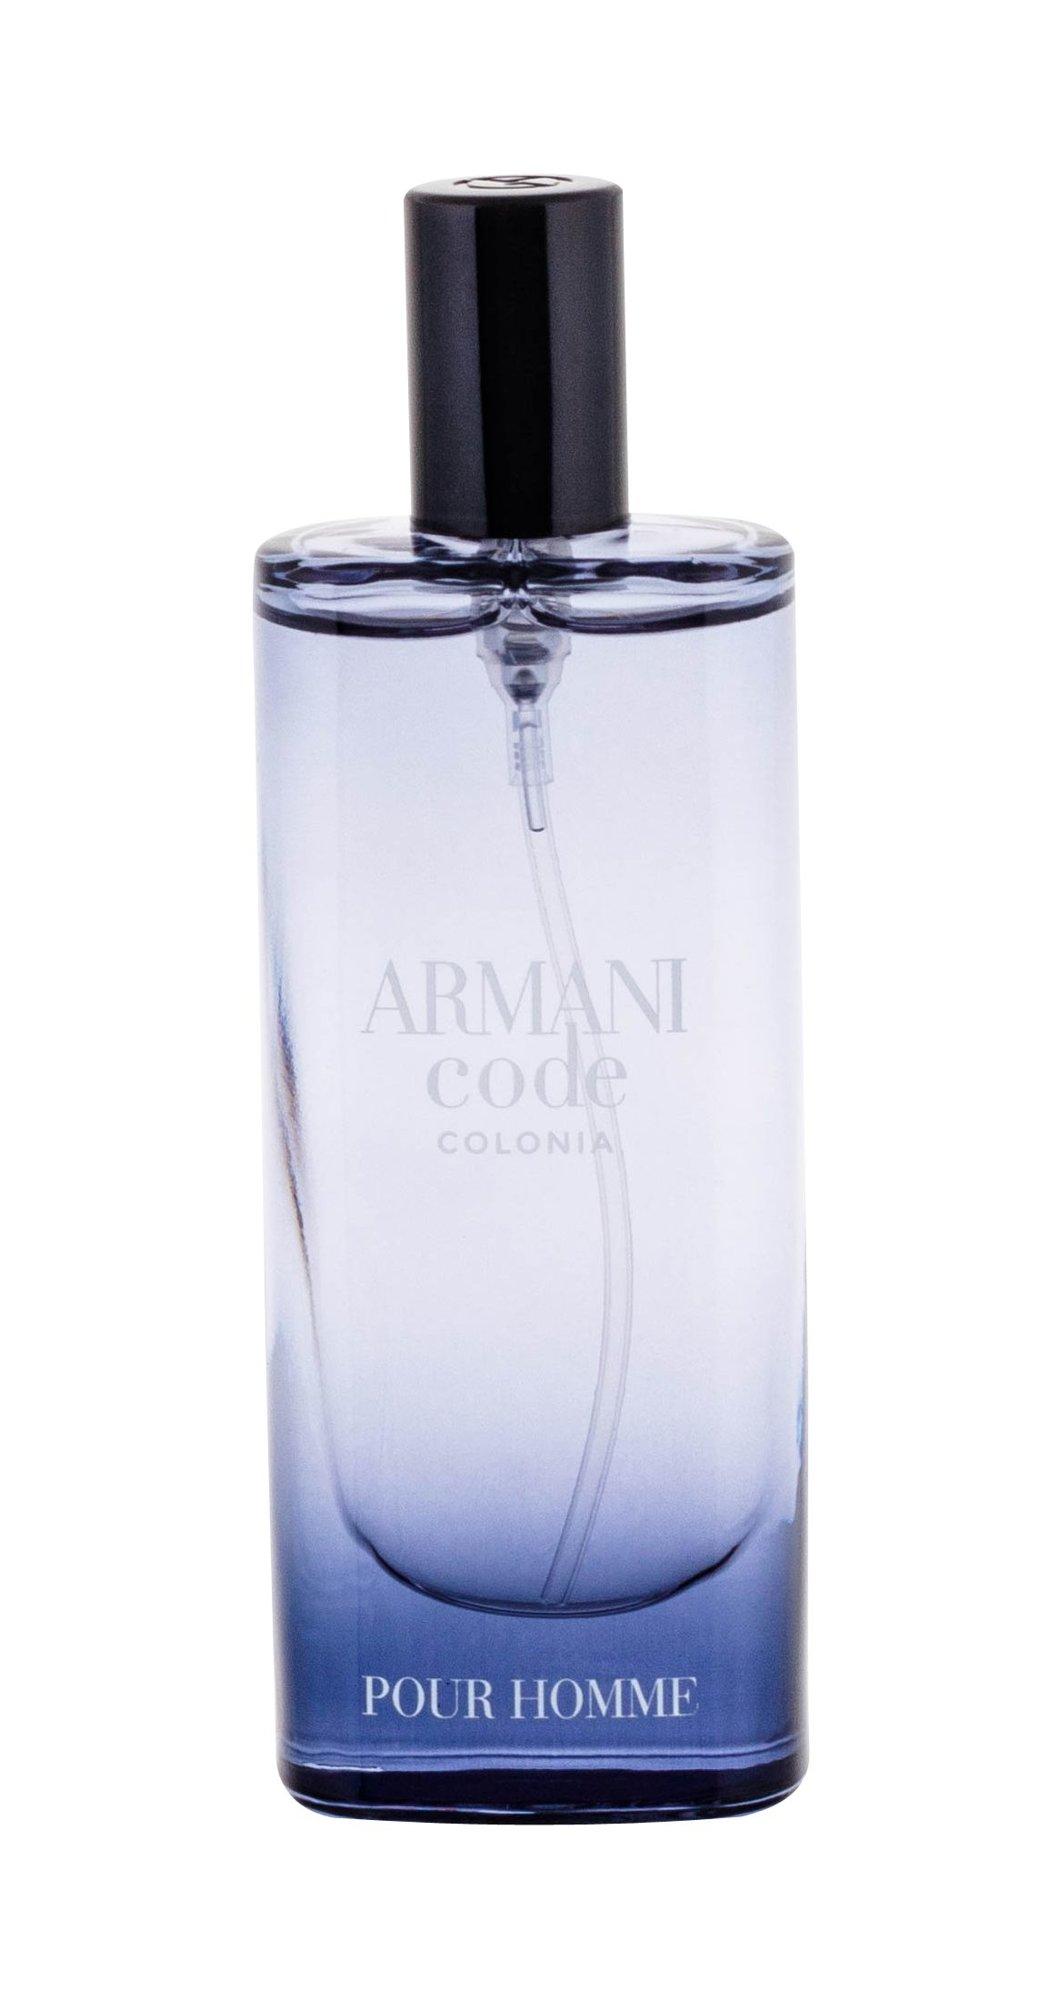 Giorgio Armani Code Eau de Toilette 15ml